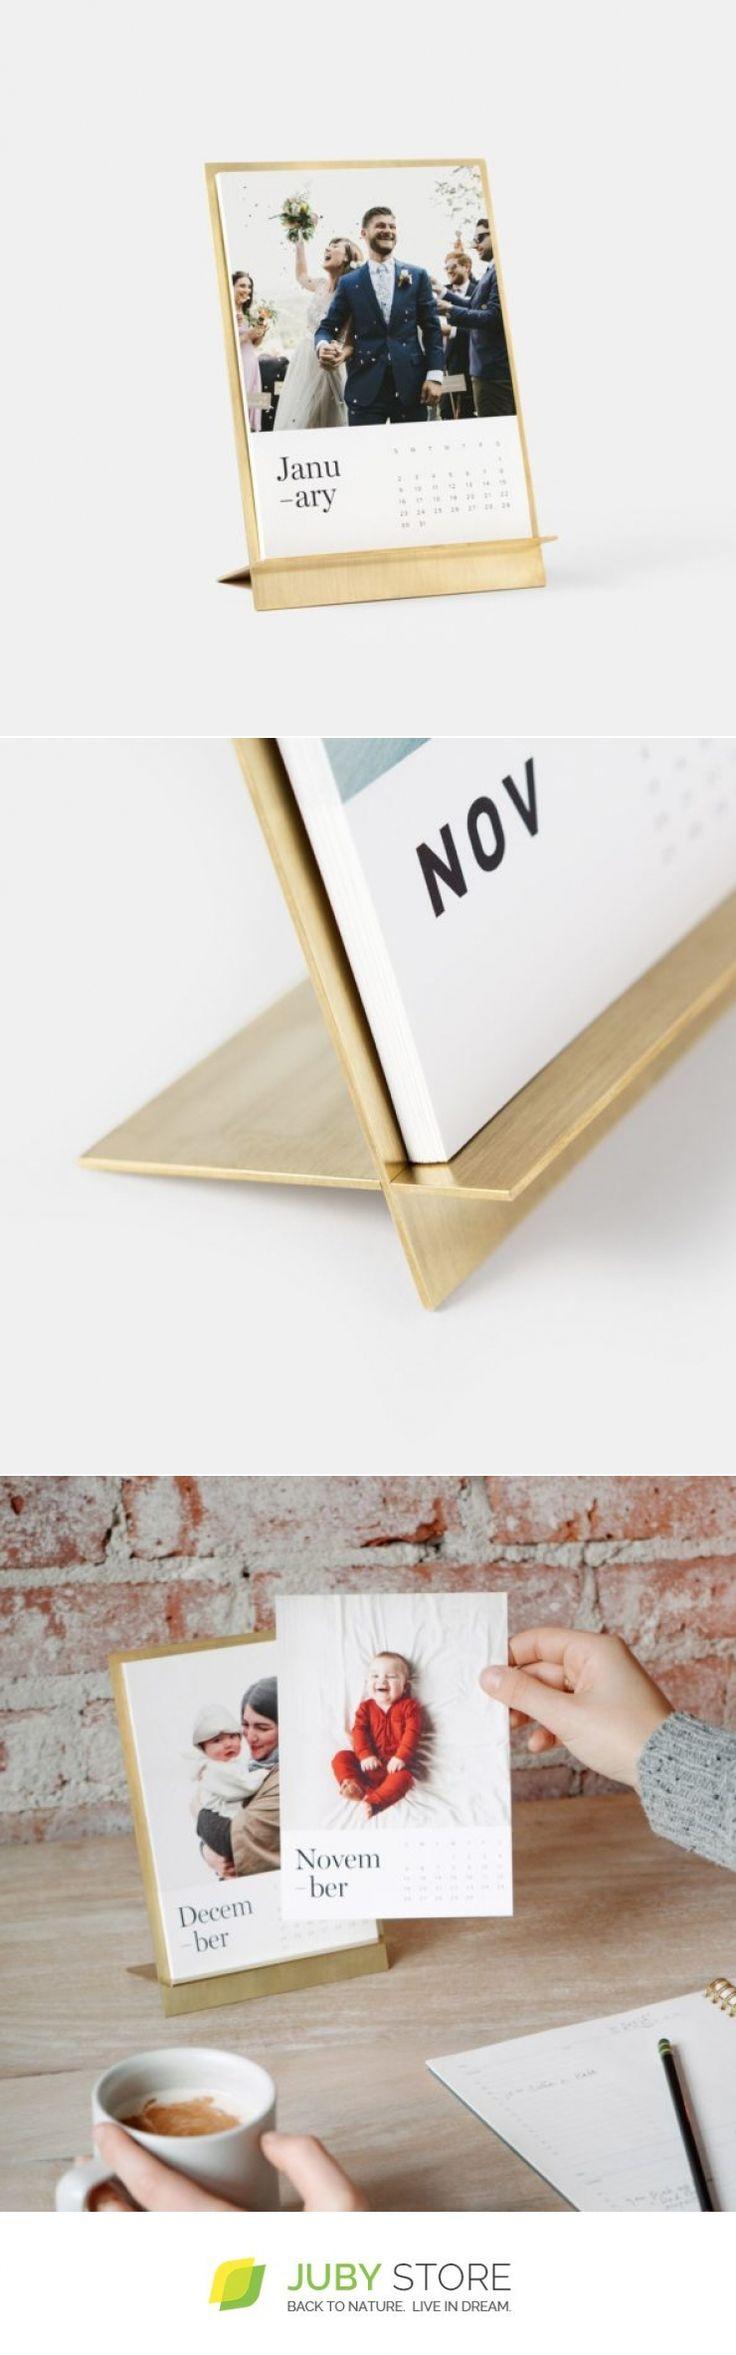 Artifact Uprising Brass Easel + Calendar - Juby Store